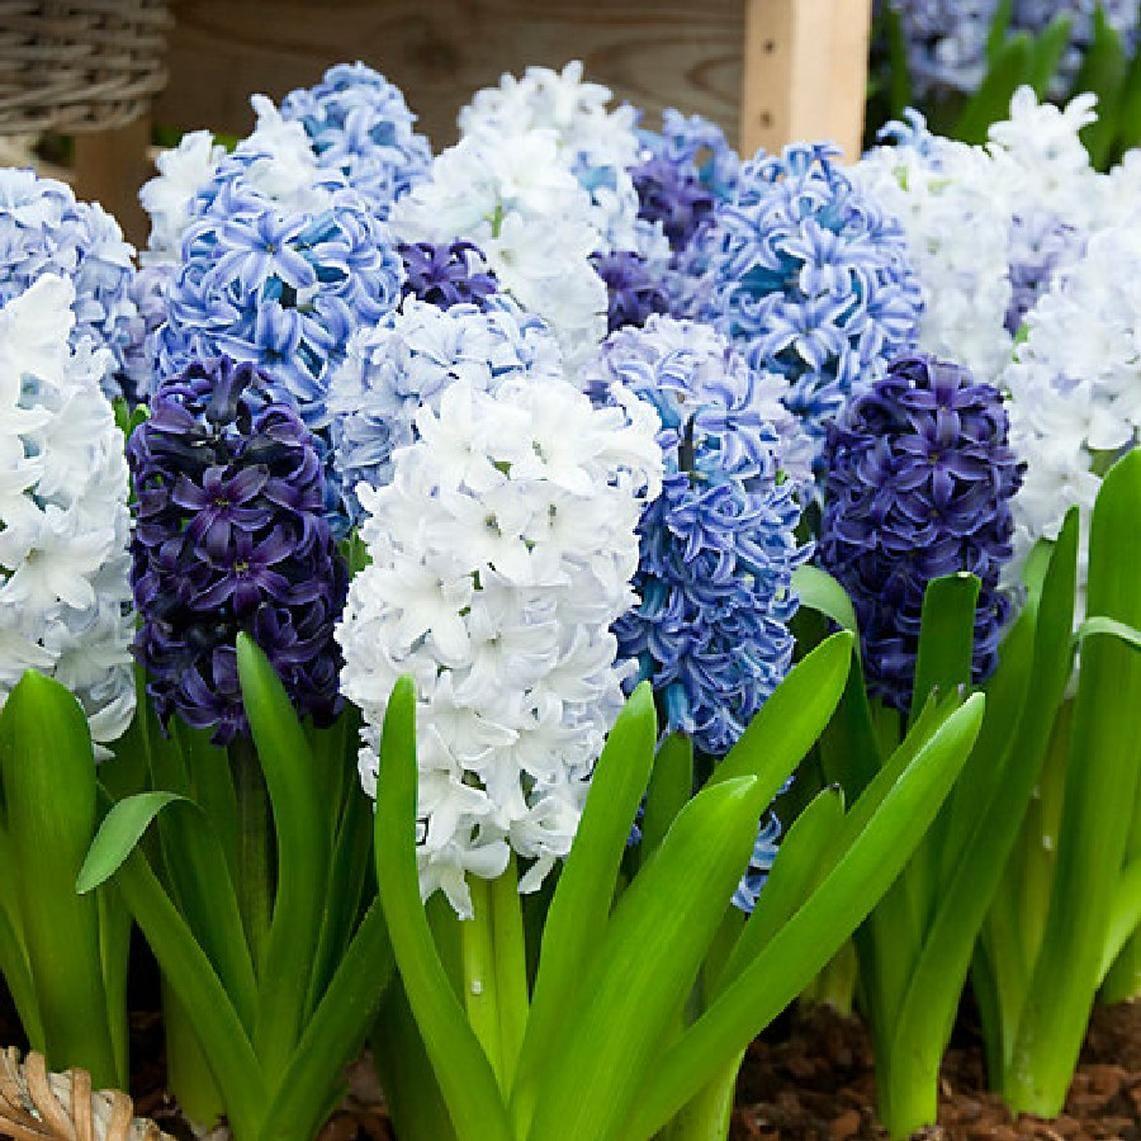 Blue Mix Hyacinth Bulbs Buy Bulk Hyacinth Bulbs At Edenbrothers Com Bulb Flowers Fall Bulbs Hyacinth Plant